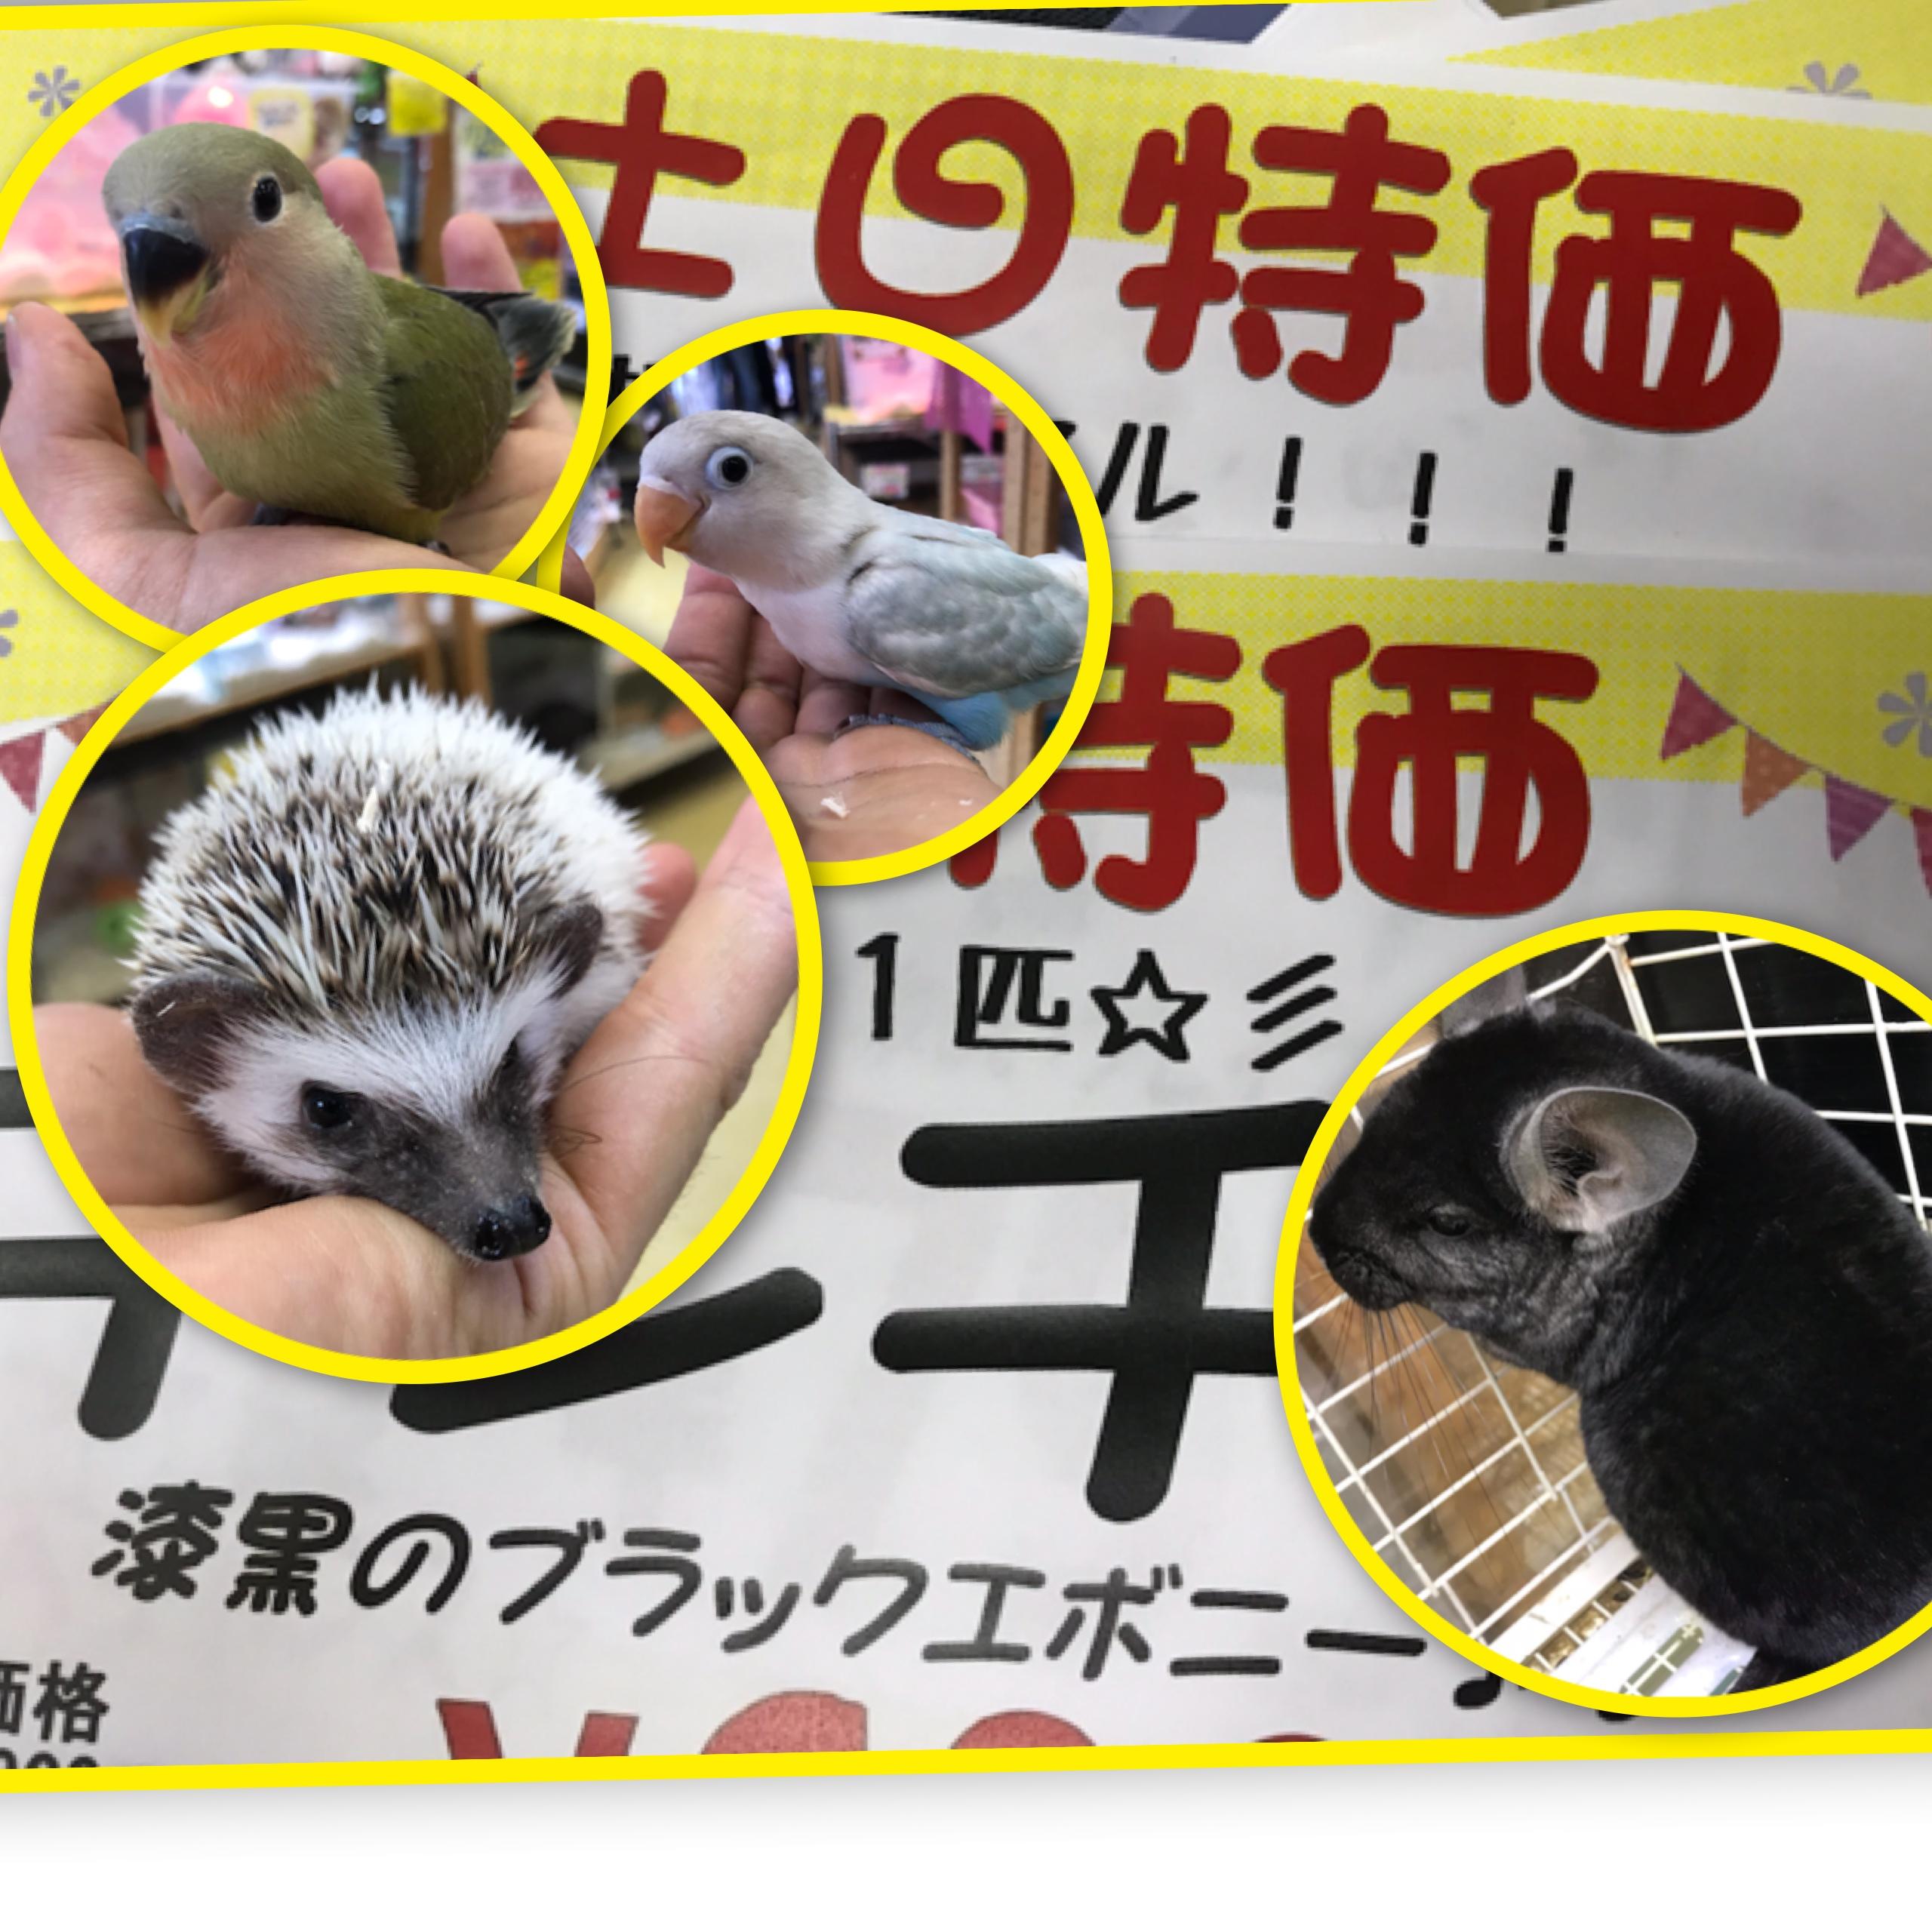 【インター小動物】土日は激アツ運転でしょでしょ!!!